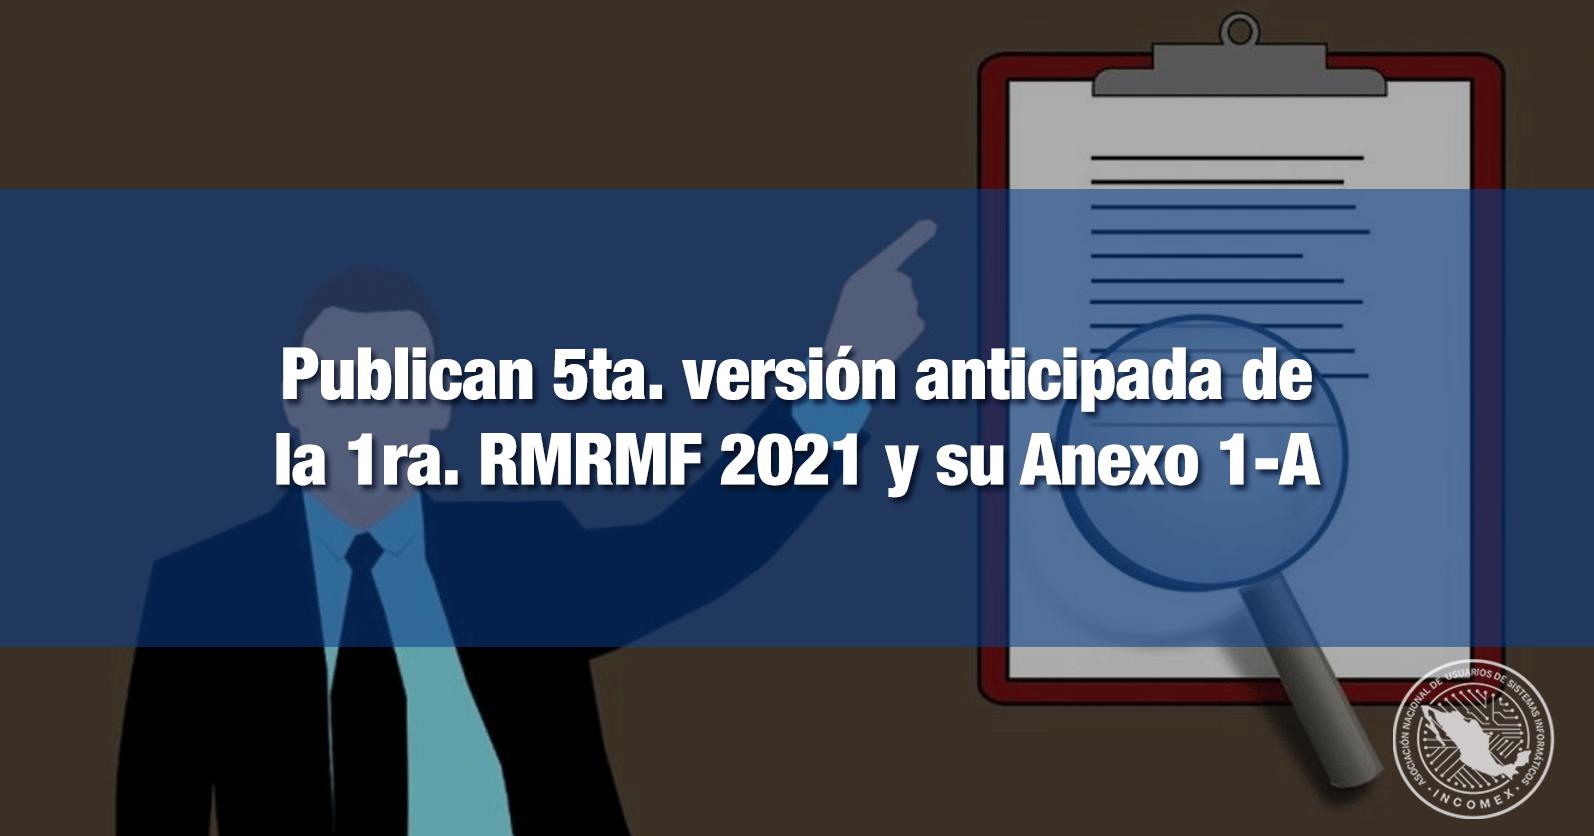 Publican 5ta. versión anticipada de la 1ra. RMRMF 2021 y su Anexo 1-A